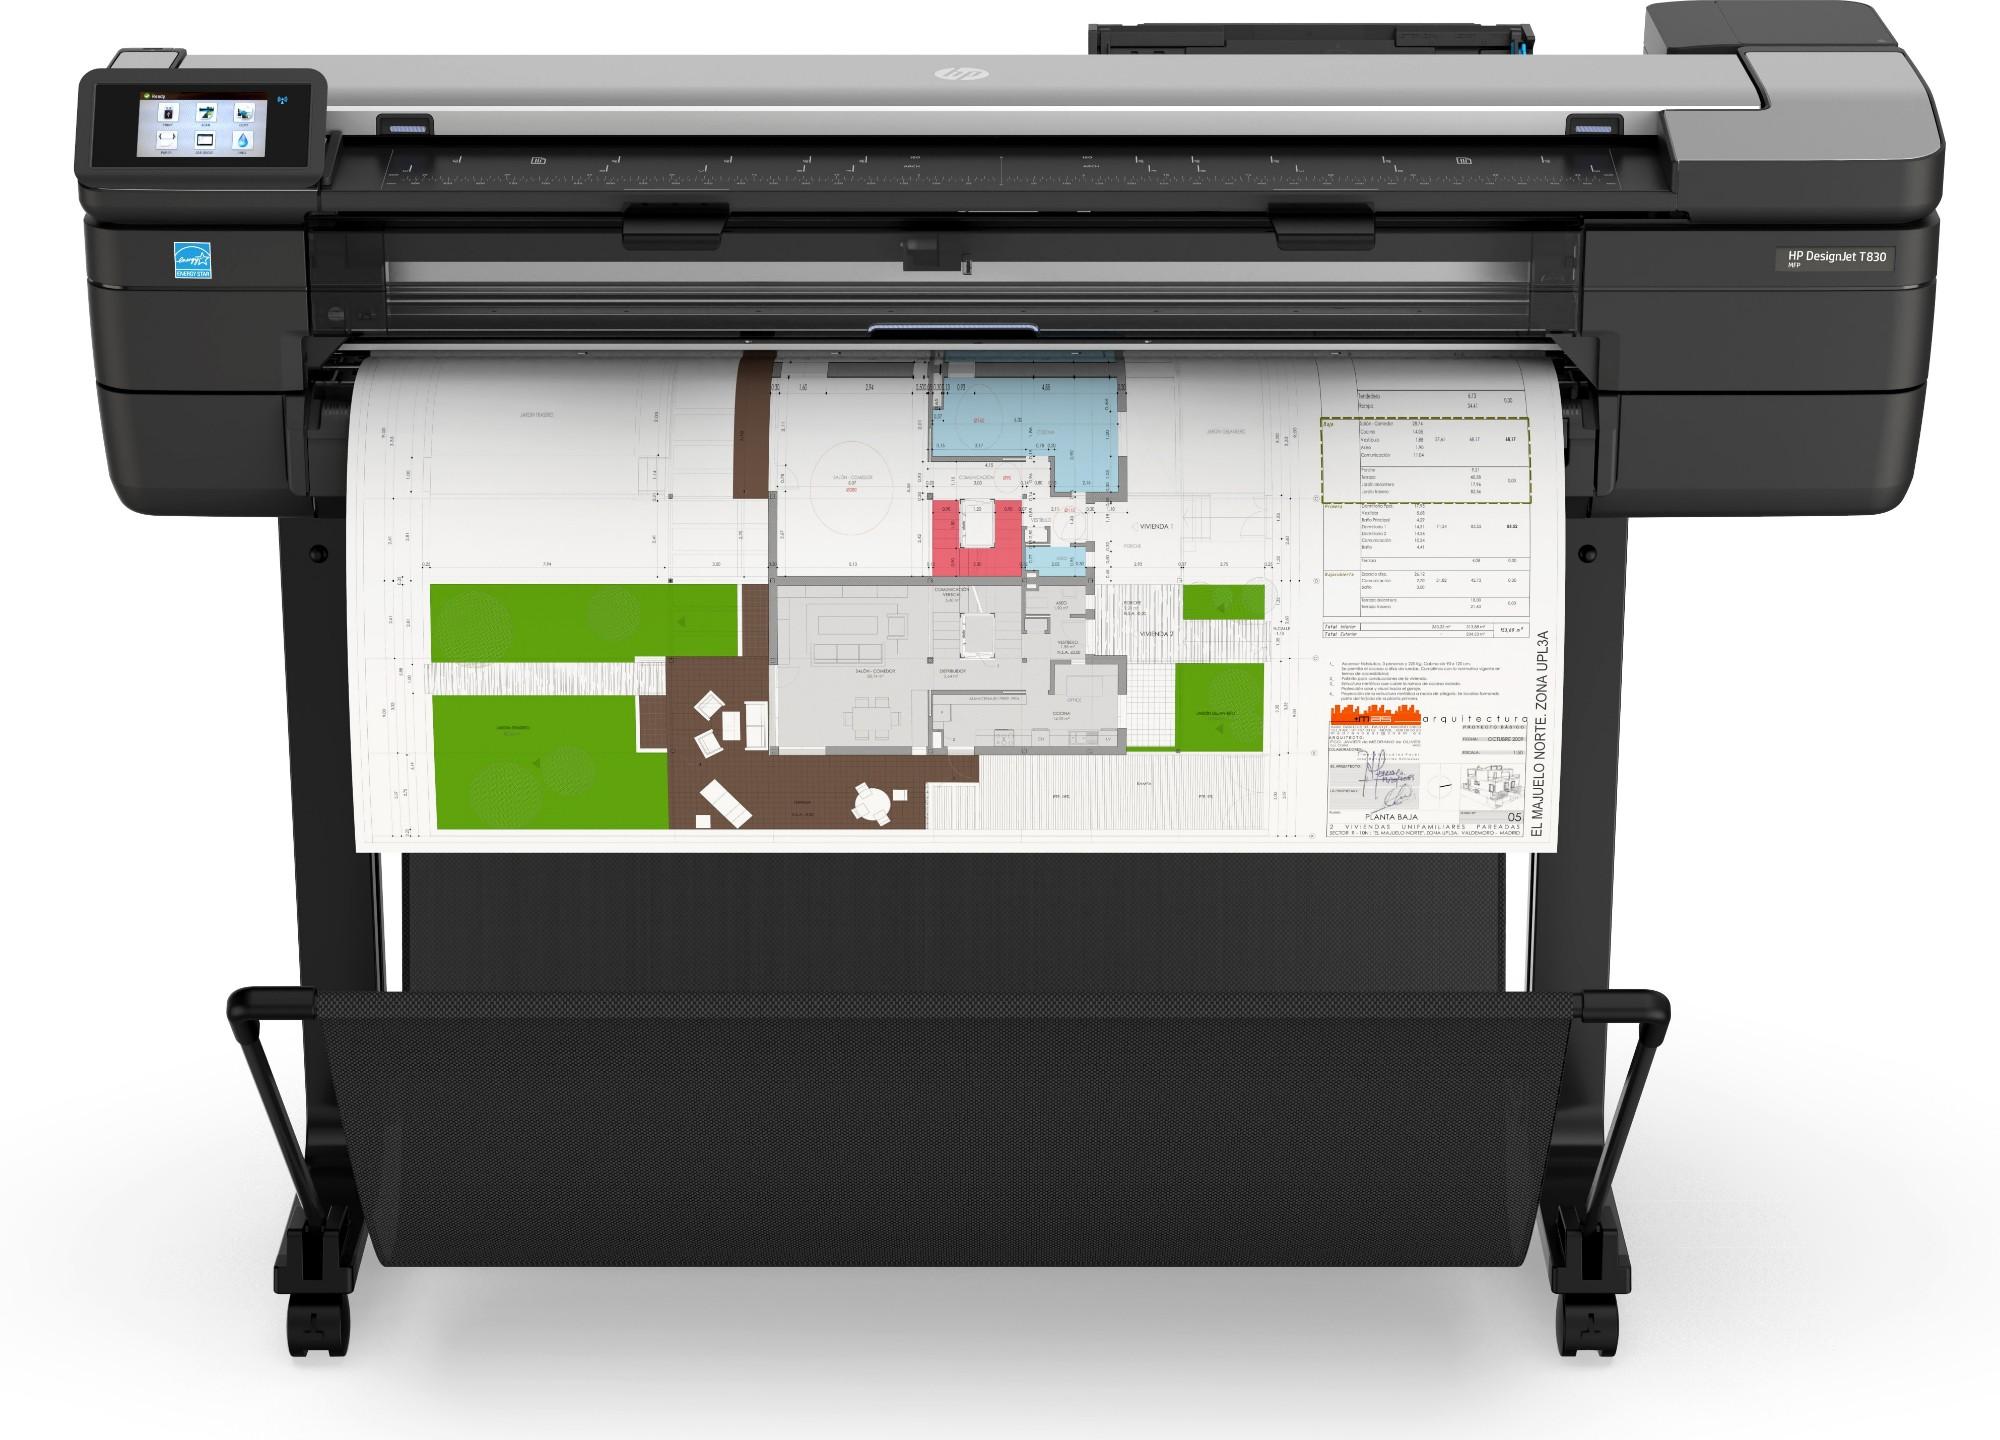 HP Designjet T830 large format printer Wi-Fi Thermal inkjet Colour 2400 x 1200 DPI A0 (841 x 1189 mm) Ethernet LAN